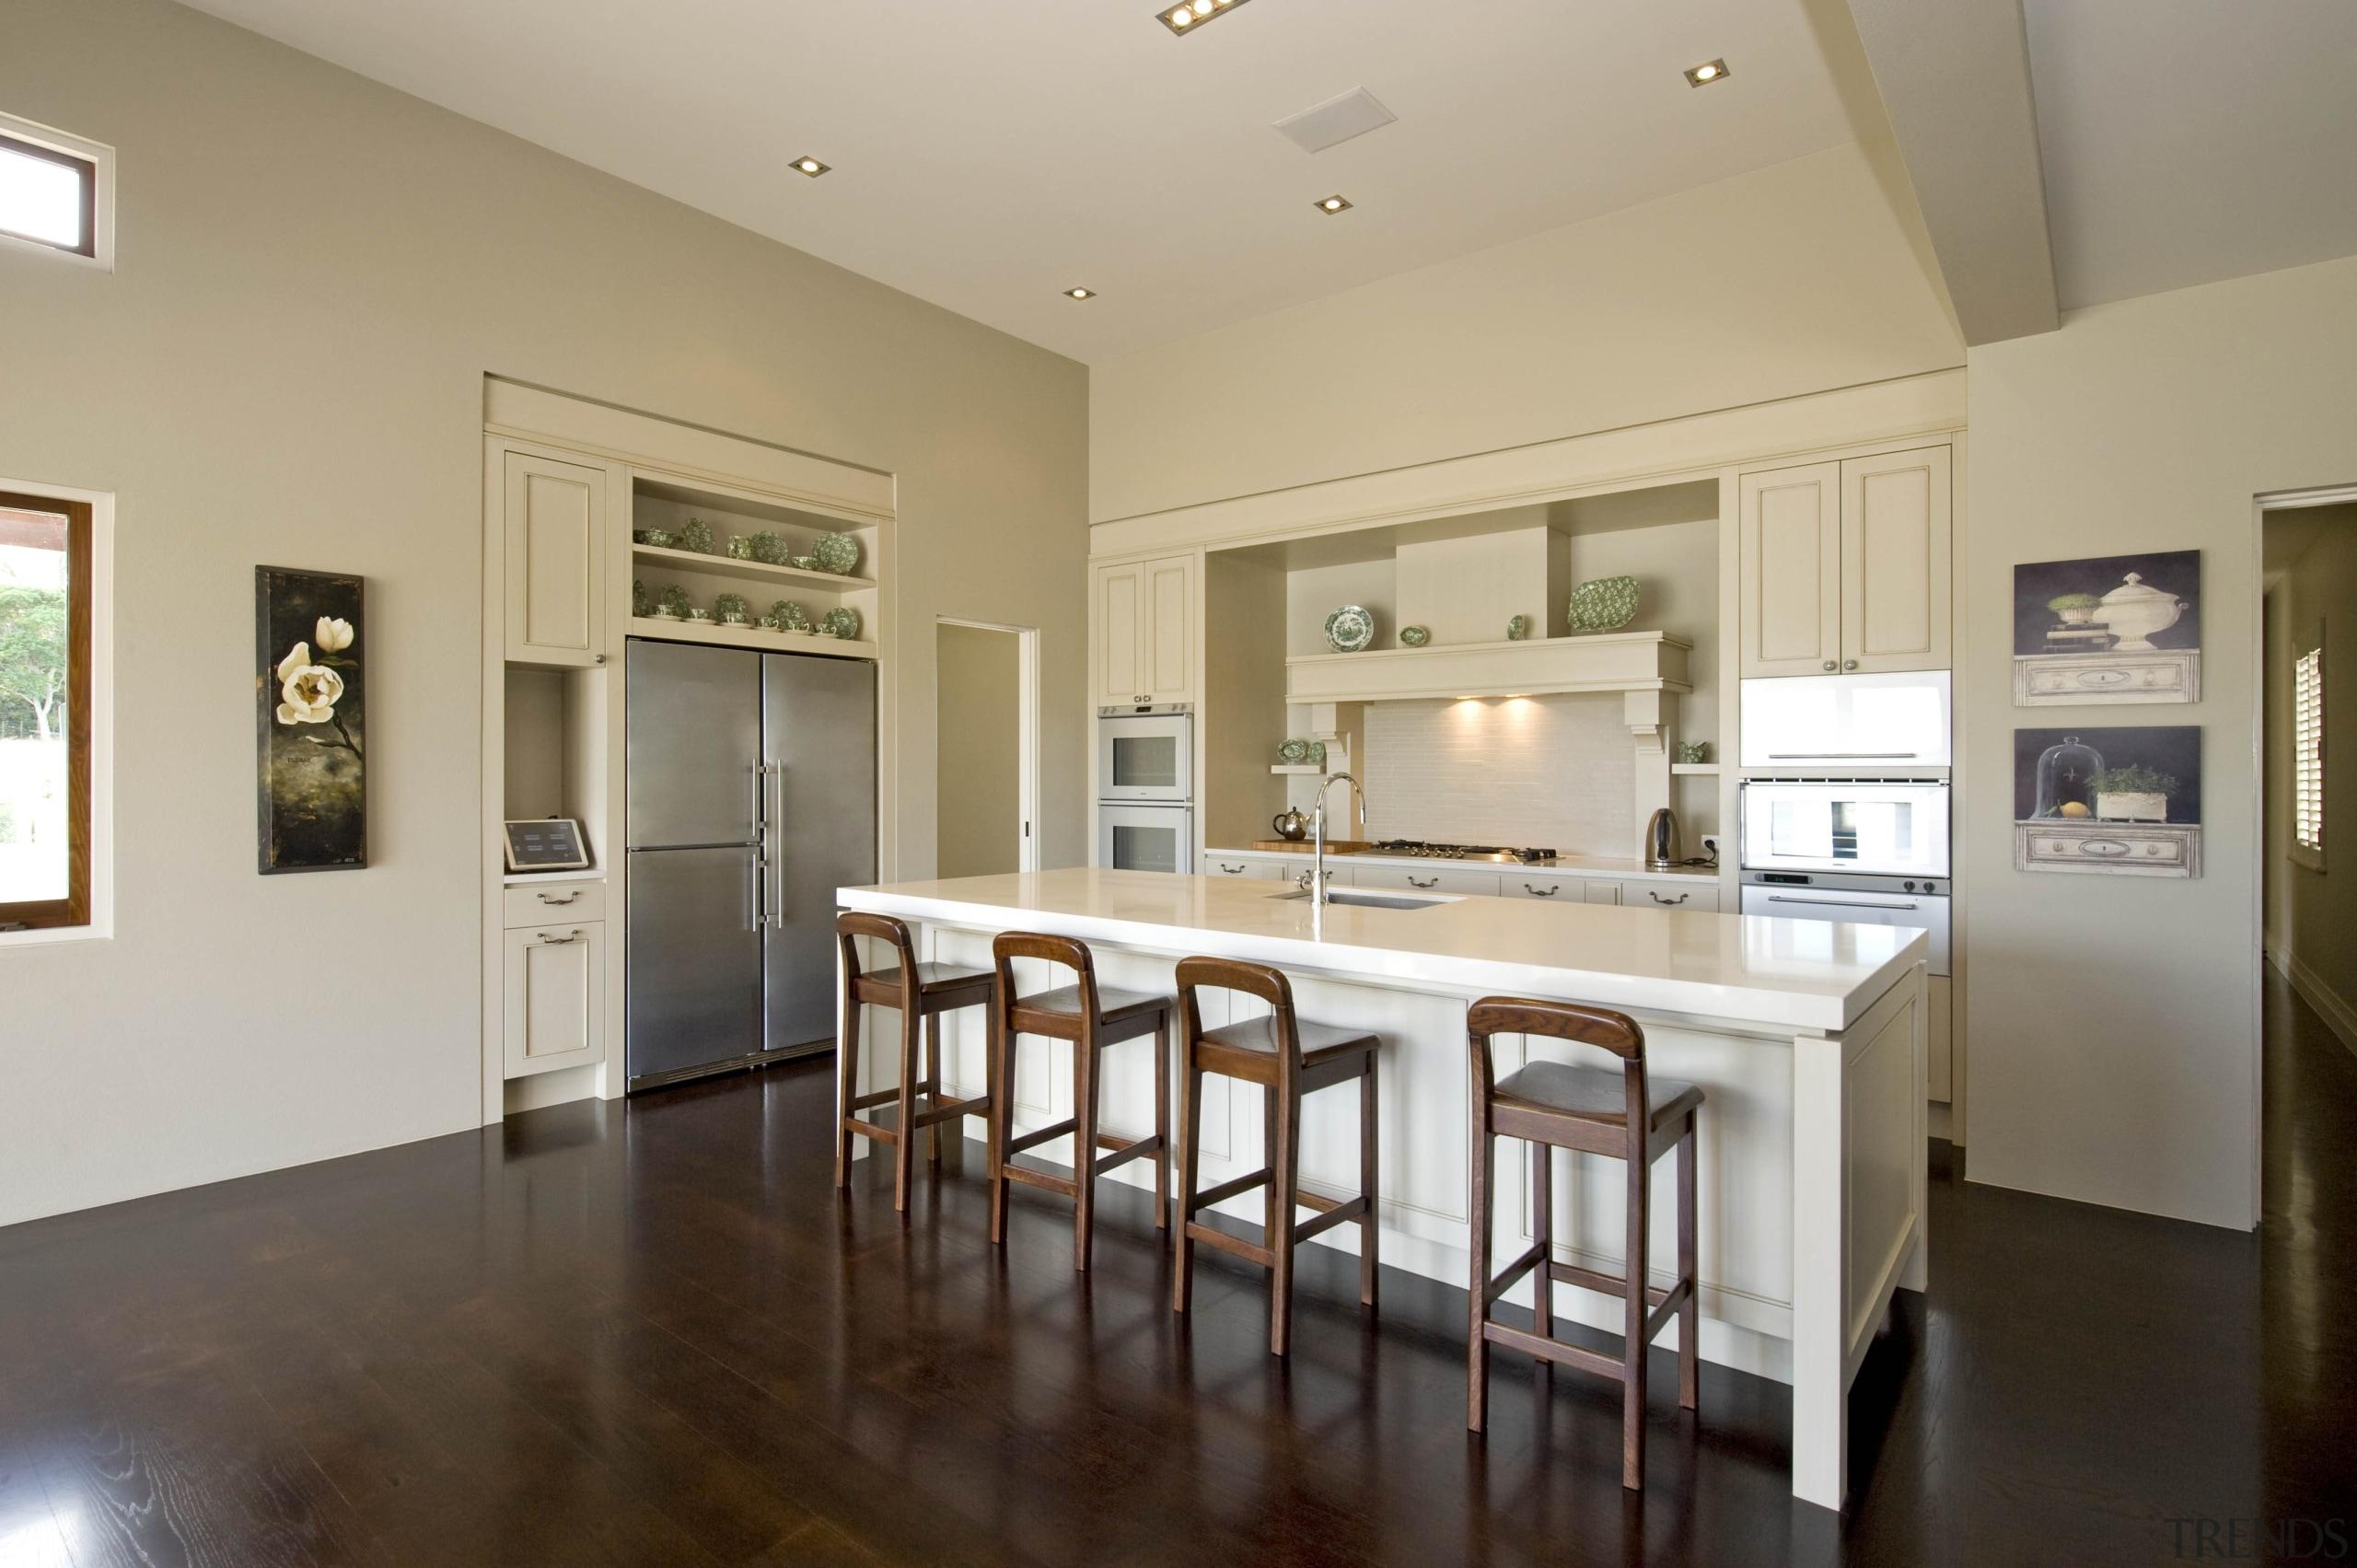 Karaka - countertop | floor | flooring | countertop, floor, flooring, home, interior design, kitchen, property, real estate, room, orange